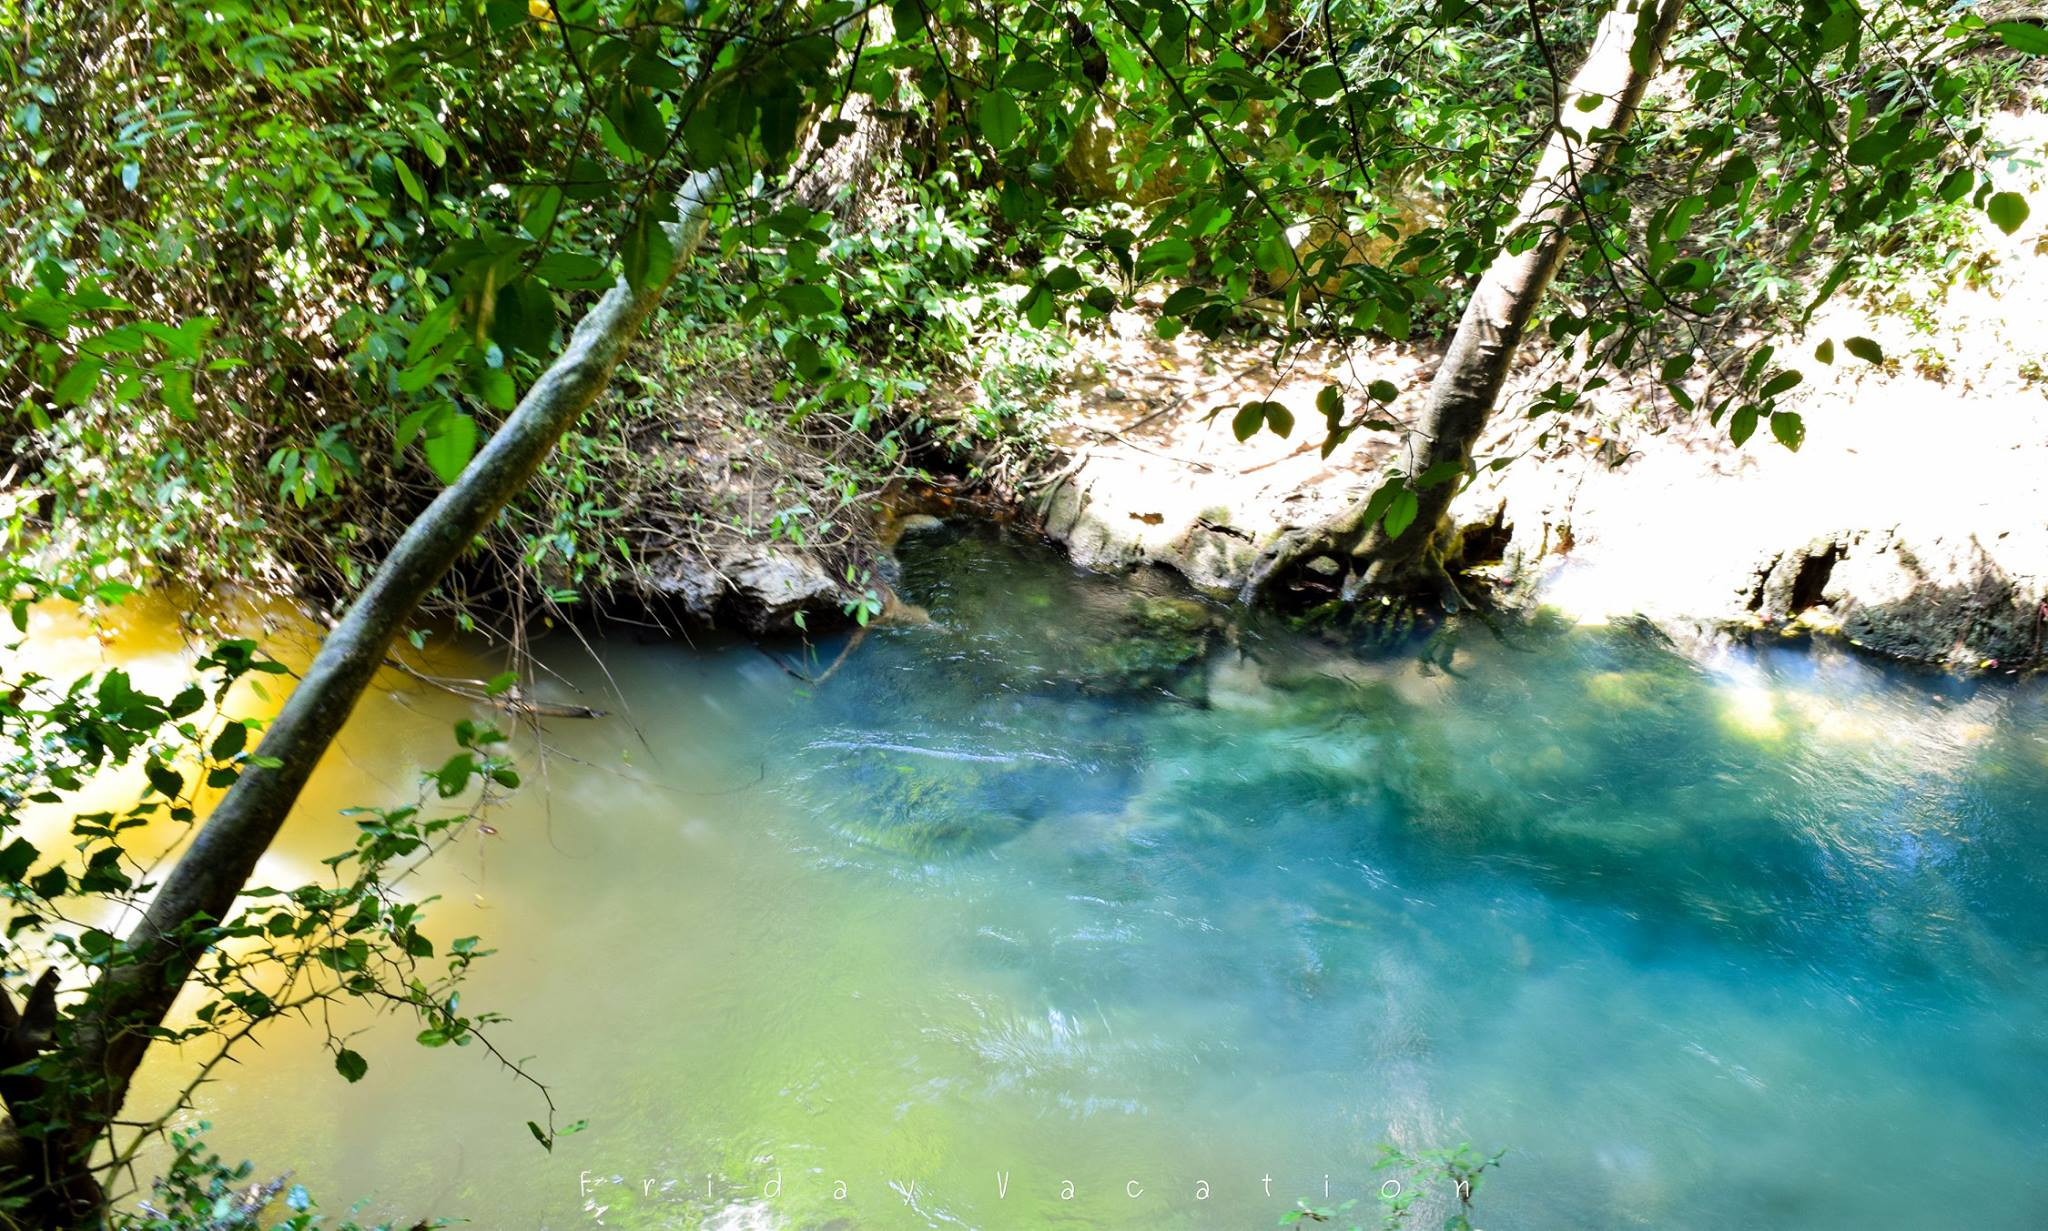 6 แหล่งน้ำจืดสีฟ้าใสแจ๋วแห่งแดนใต้ สวยจนต้องไปให้ครบ นครศรีดีย์